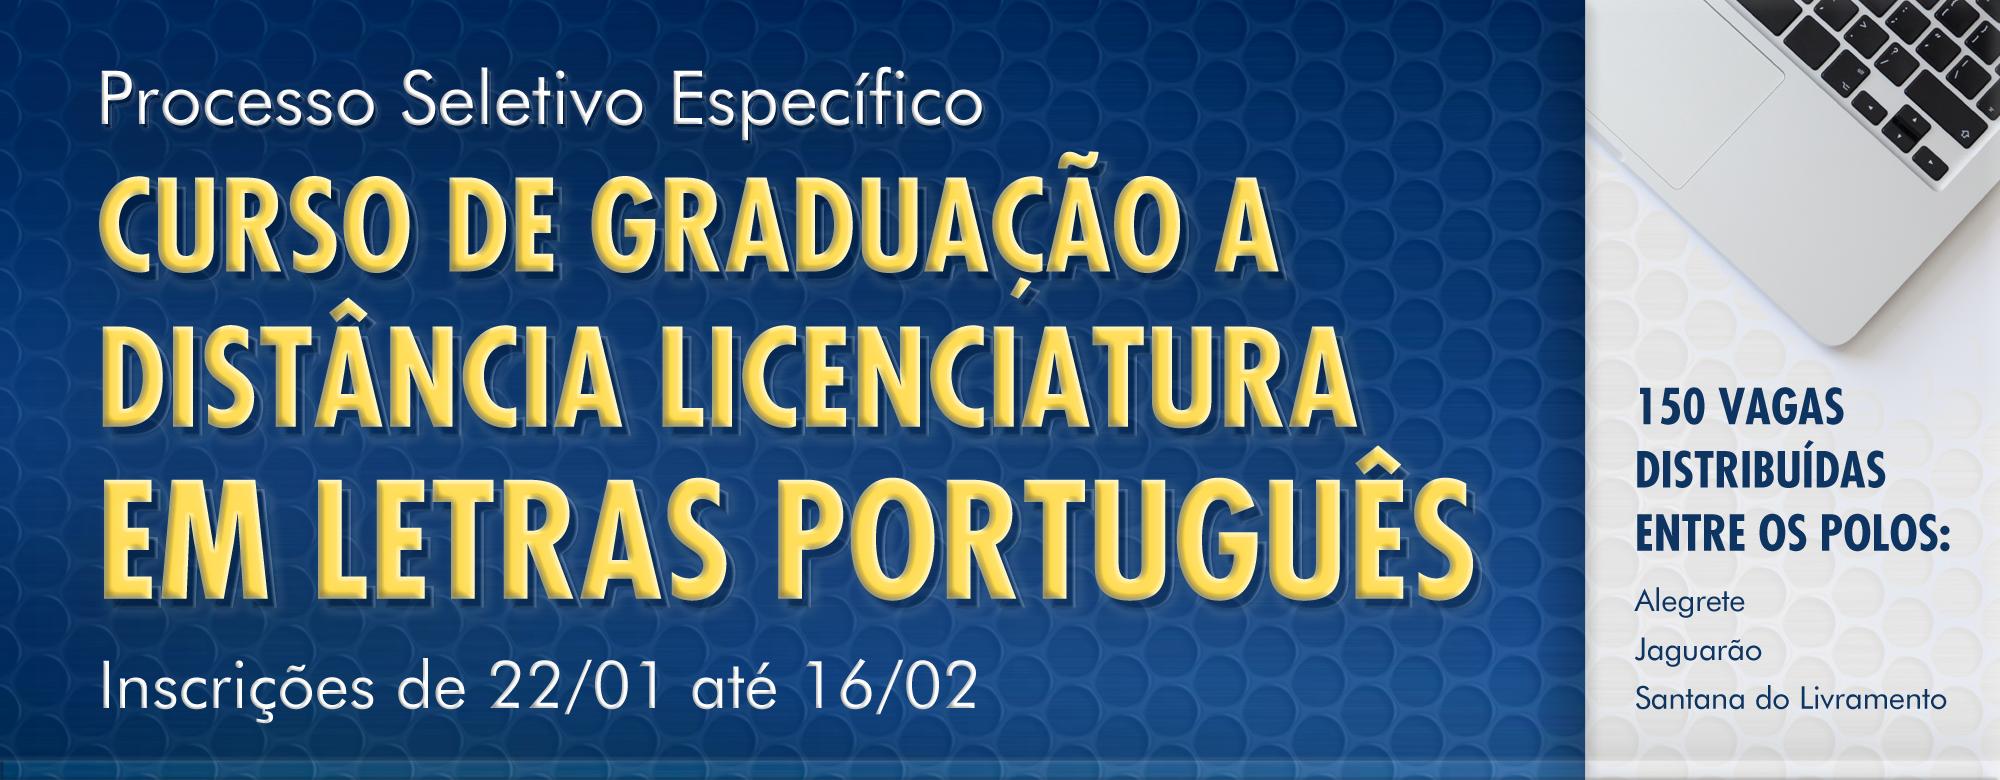 Banner para o Processo Seletivo Específico para o Curso de Graduação a Distância Licenciatura em Letras Português